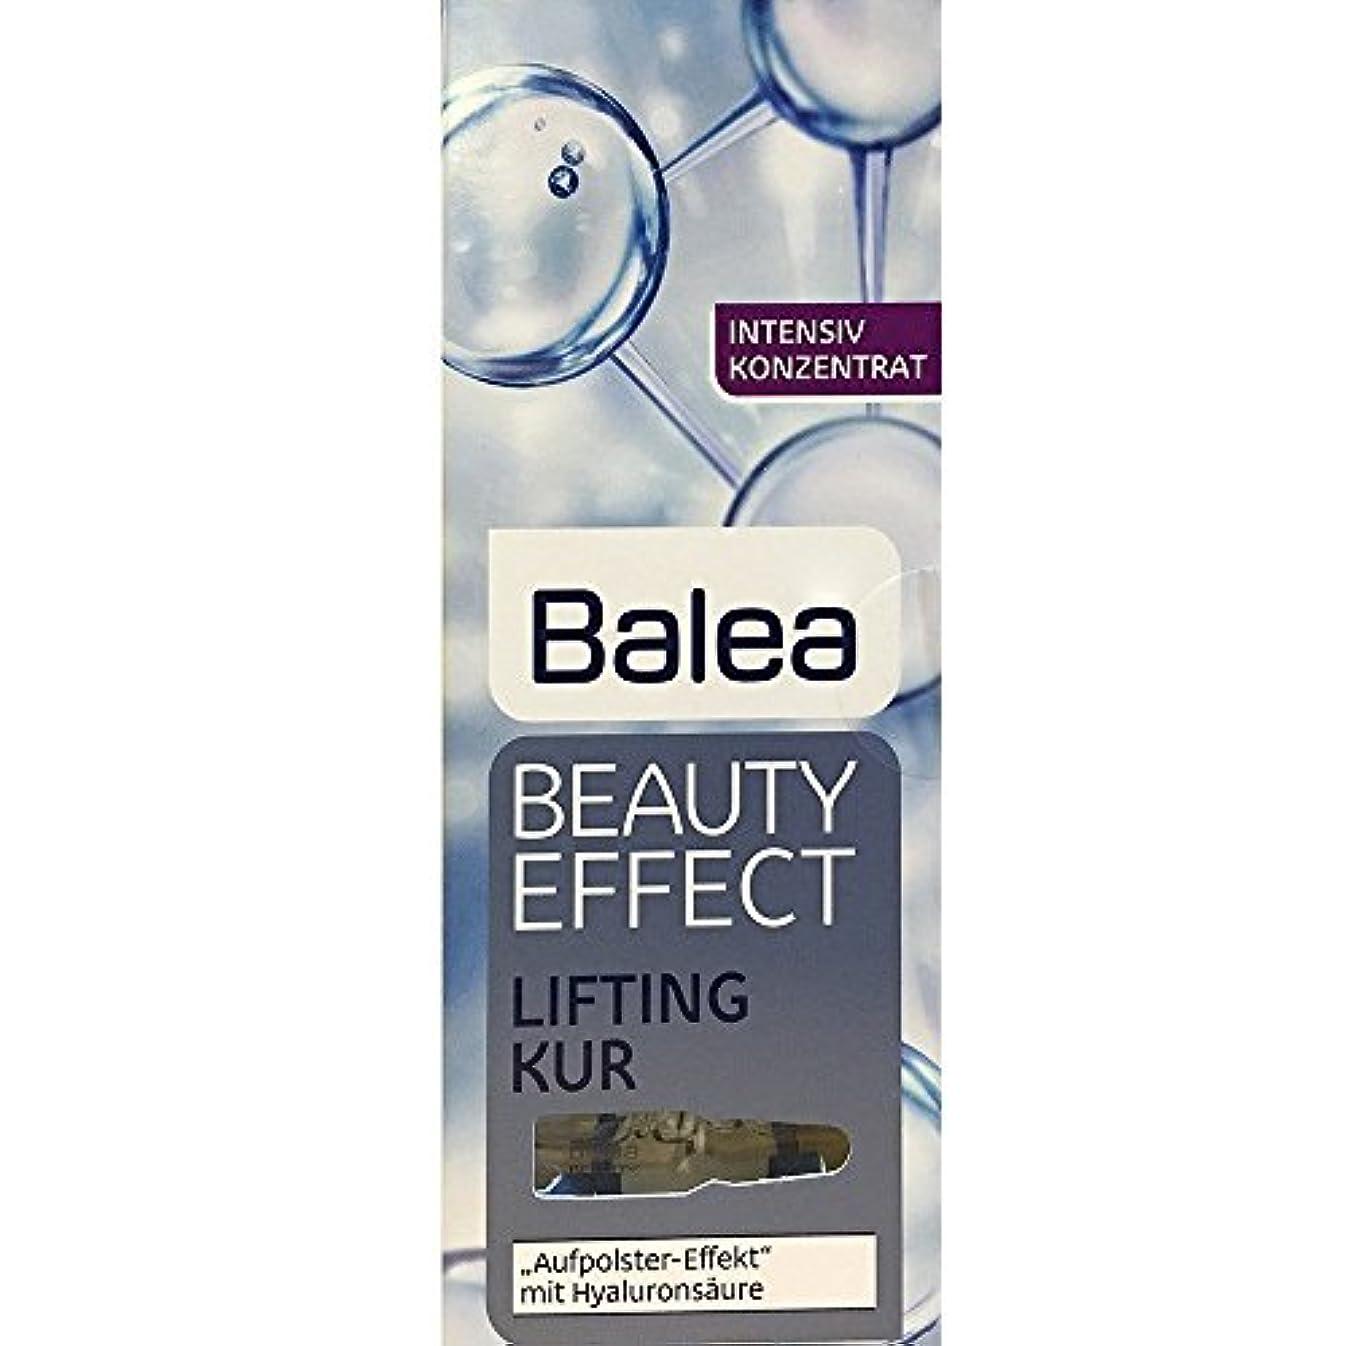 ナサニエル区ワゴン現実的Balea Beauty Effect Lifting Kur 7x1ml by Balea